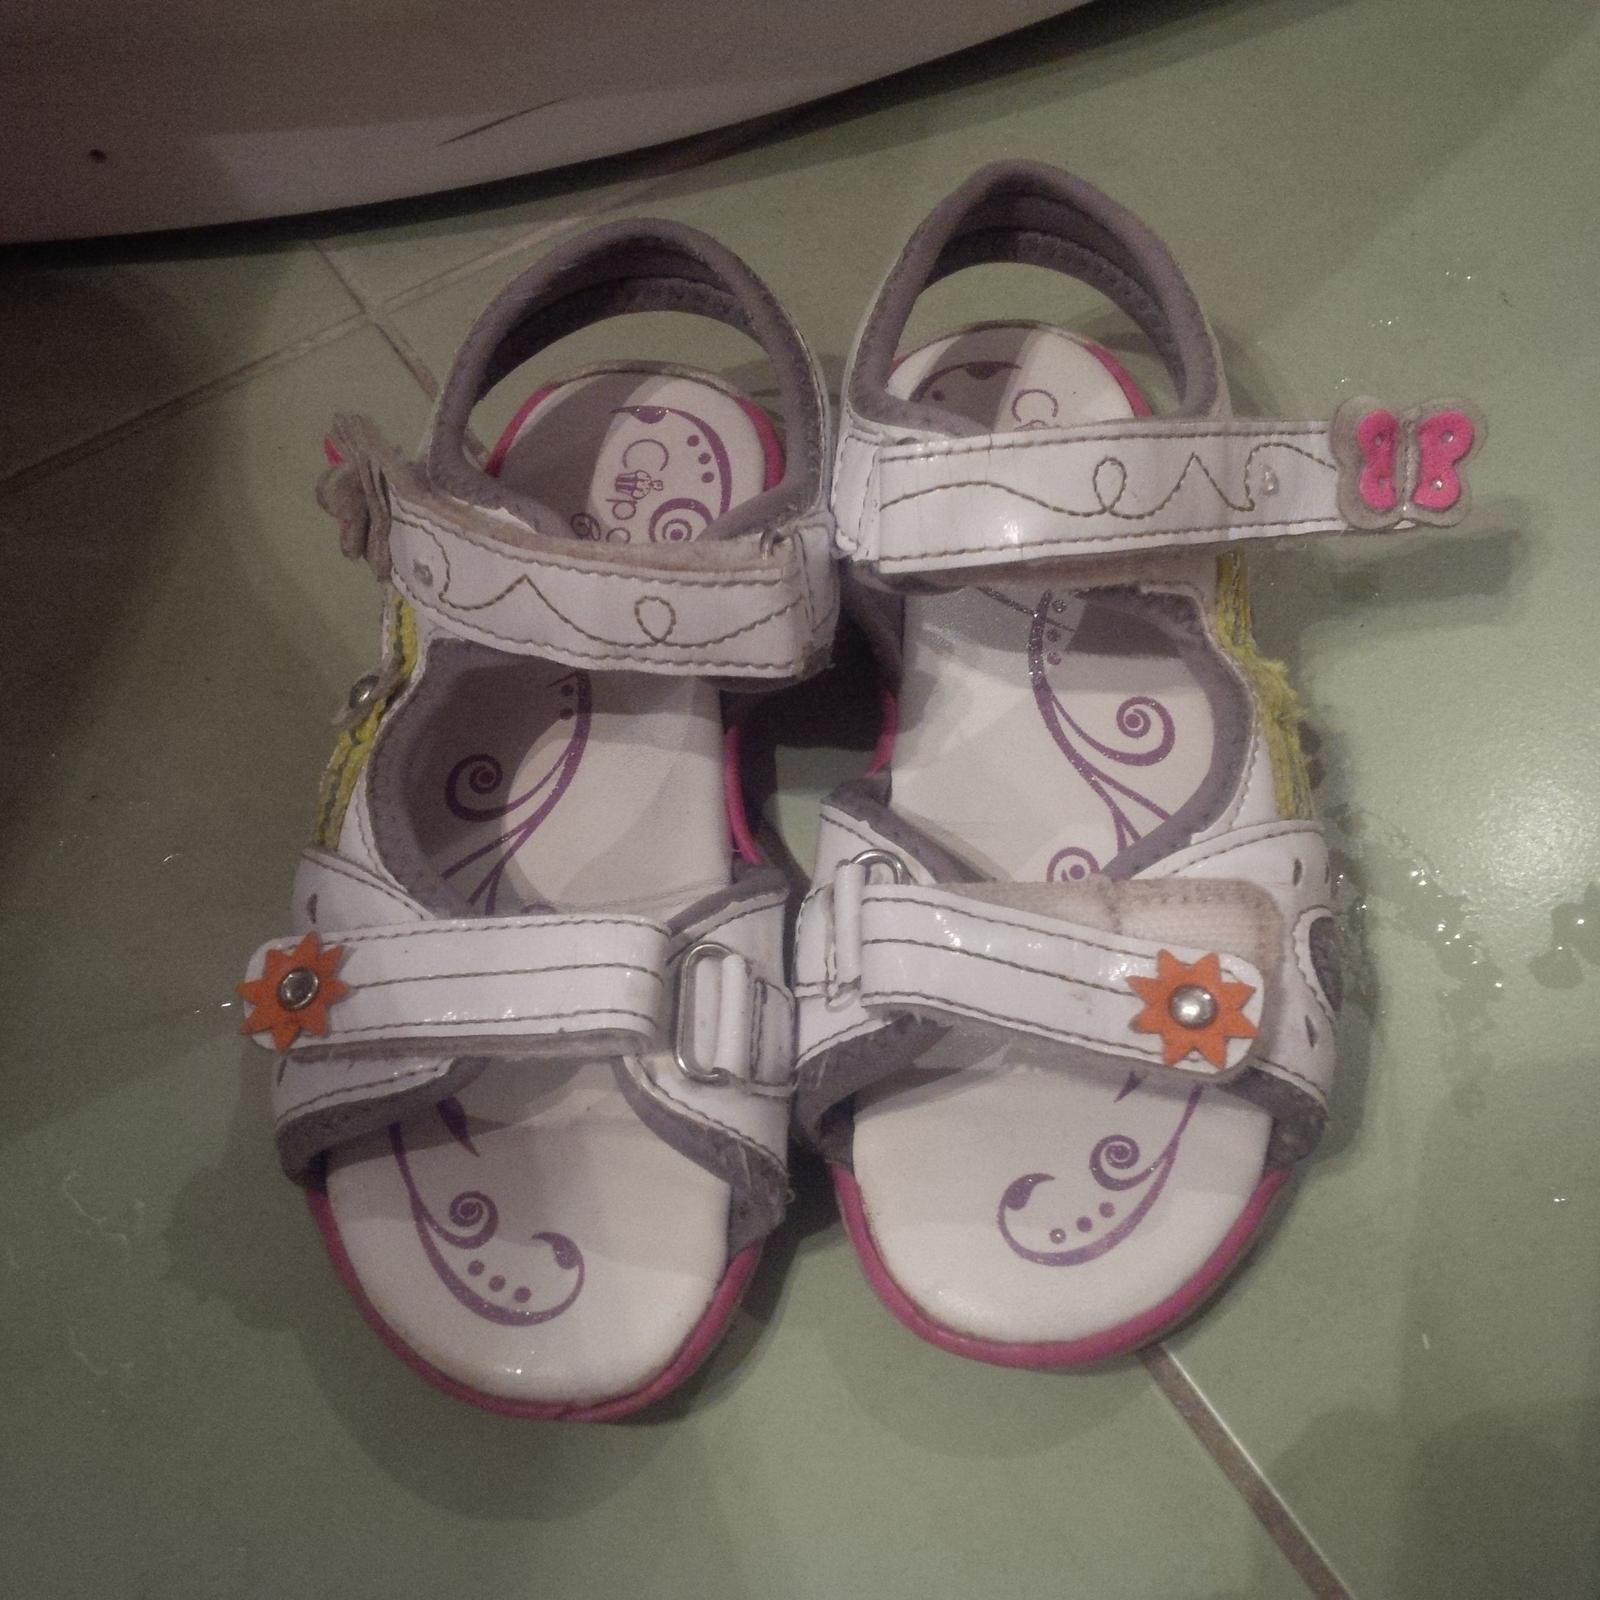 dívčí sandálky Cupcake, vel 30 - Obrázek č. 1